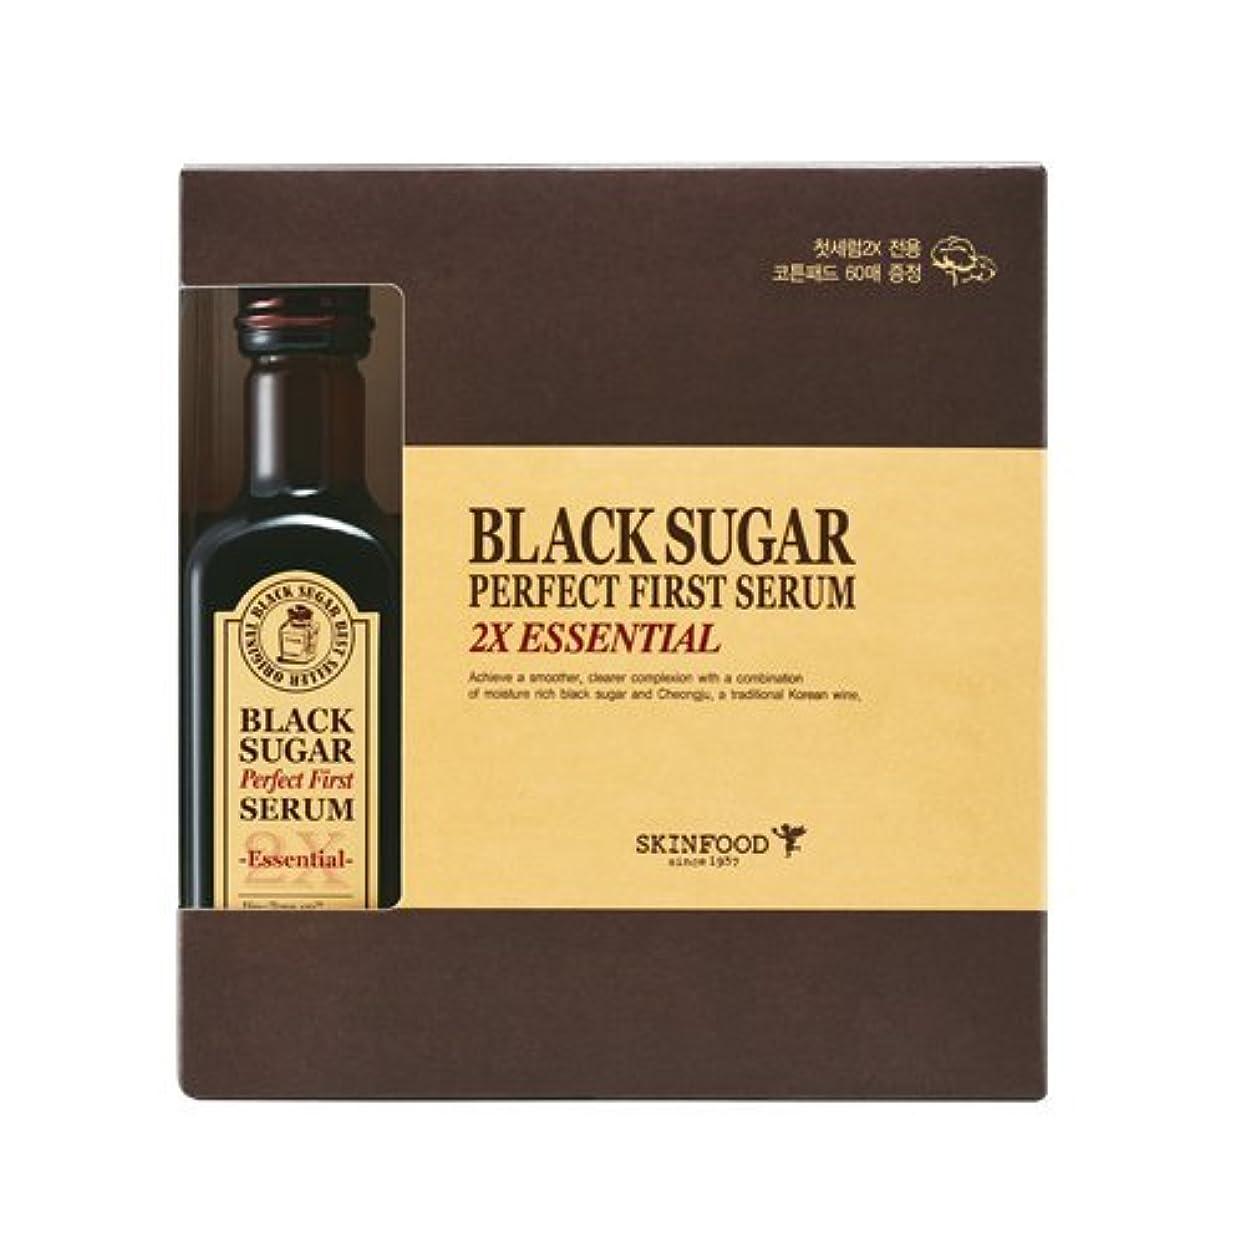 調査ミサイルきちんとした(SKINFOOD スキンフード)Black Sugar Perfect First Serum 2X ?essential- ブラックシュガー パーフェクトファーストセラム2X skin-brightening and Anti-wrinkle Effects? [並行輸入品]